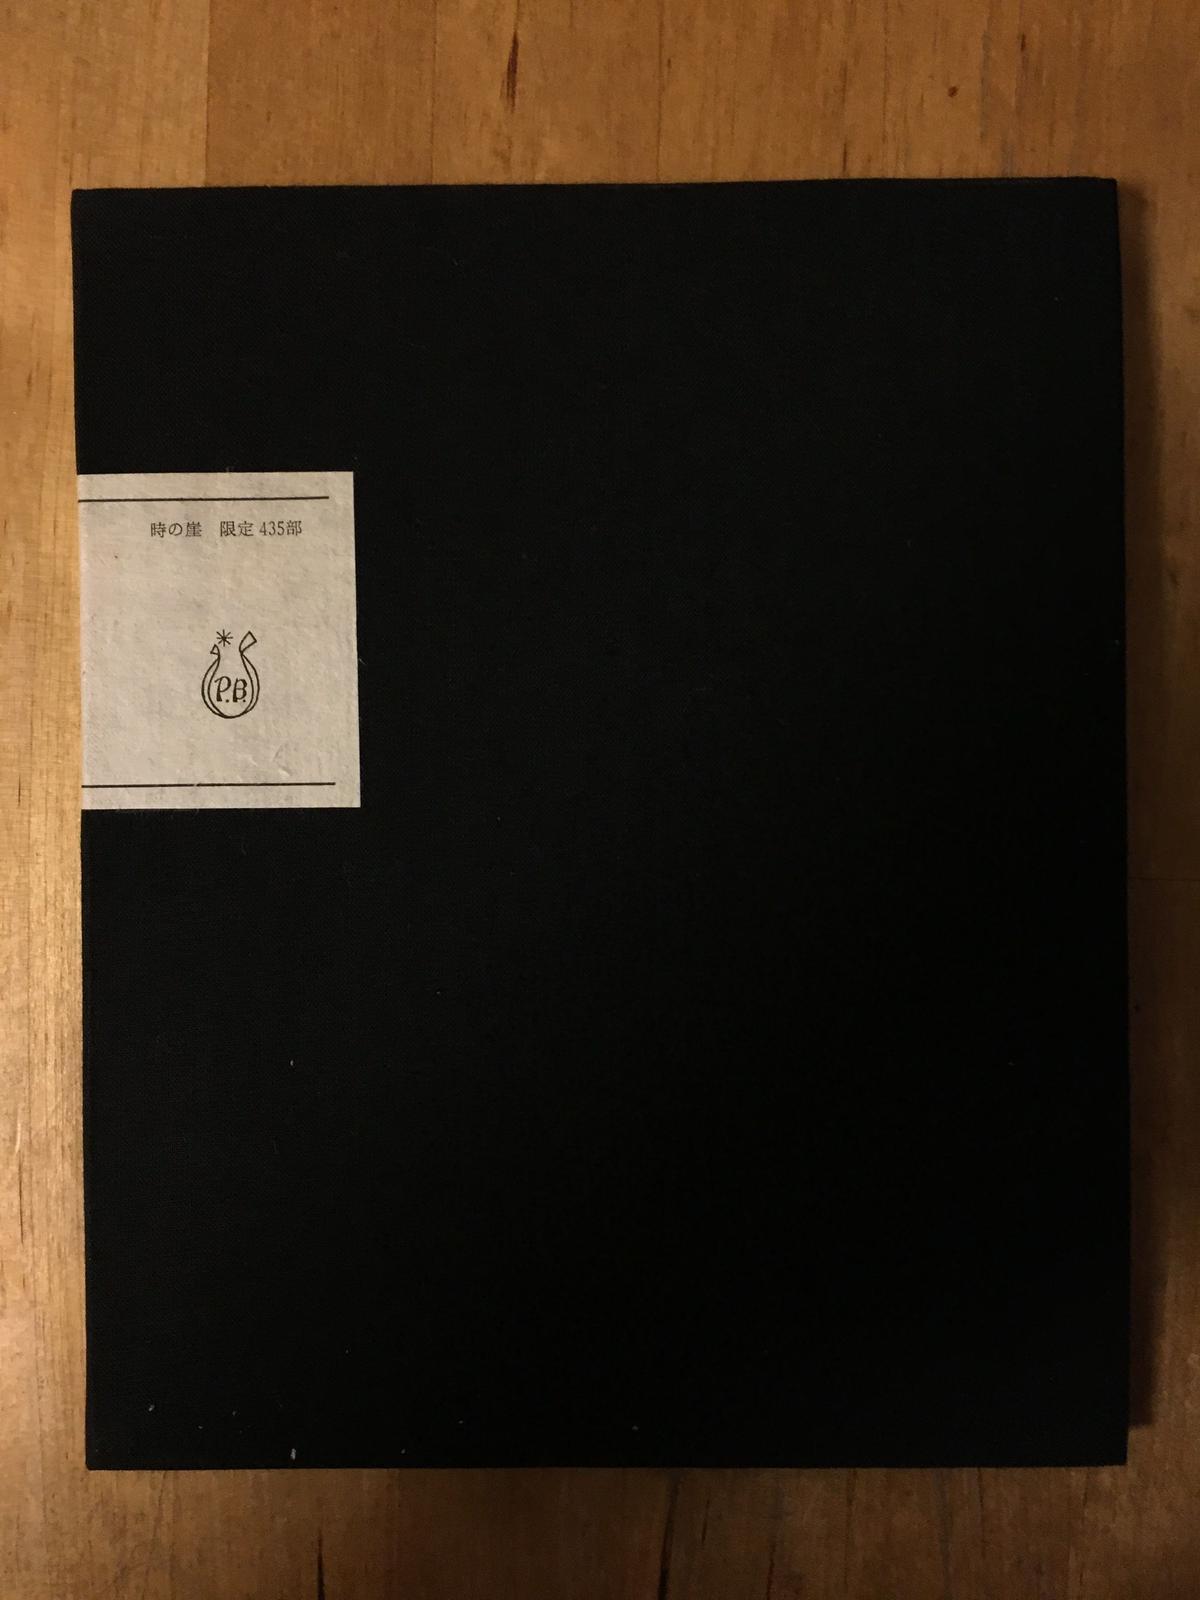 ファーイースタン・オールドブックス通信販売部            時の崖 安部公房 プレス・ビブリオマーヌ(限定版)